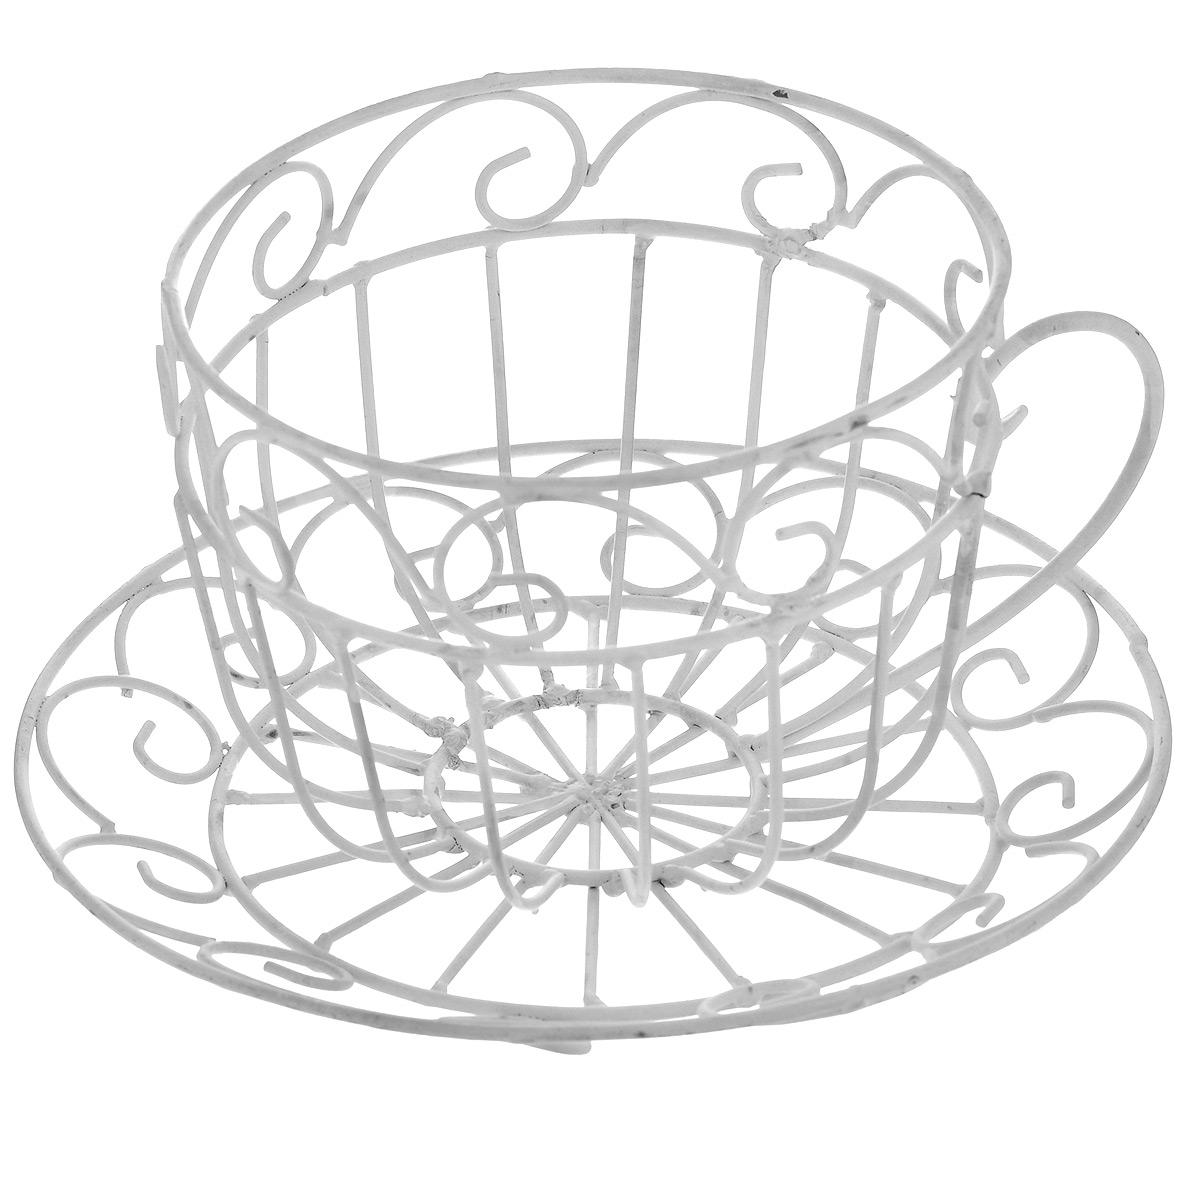 Кашпо Чайная чашка, цвет: белый, 20 х 11 см36799Кашпо Чайная чашка изготовлено из металла в виде чайной чашке. Кашпо - декоративная ваза для цветочных горшков. Фигурные кашпо для цветов служат объектом декора помещения. Дом, украшенный фигурными кашпо, приобретает свою оригинальность, свой характер. Неожиданные и оригинальные кашпо для цветов - это самый простой и доступный способ сделать дом, дачу или приусадебную территорию неповторимыми. Кашпо Чайная чашка - красивый и оригинальный сувенир для друзей и близких. Диаметр кашпо: 20 см. Высота кашпо: 11 см.